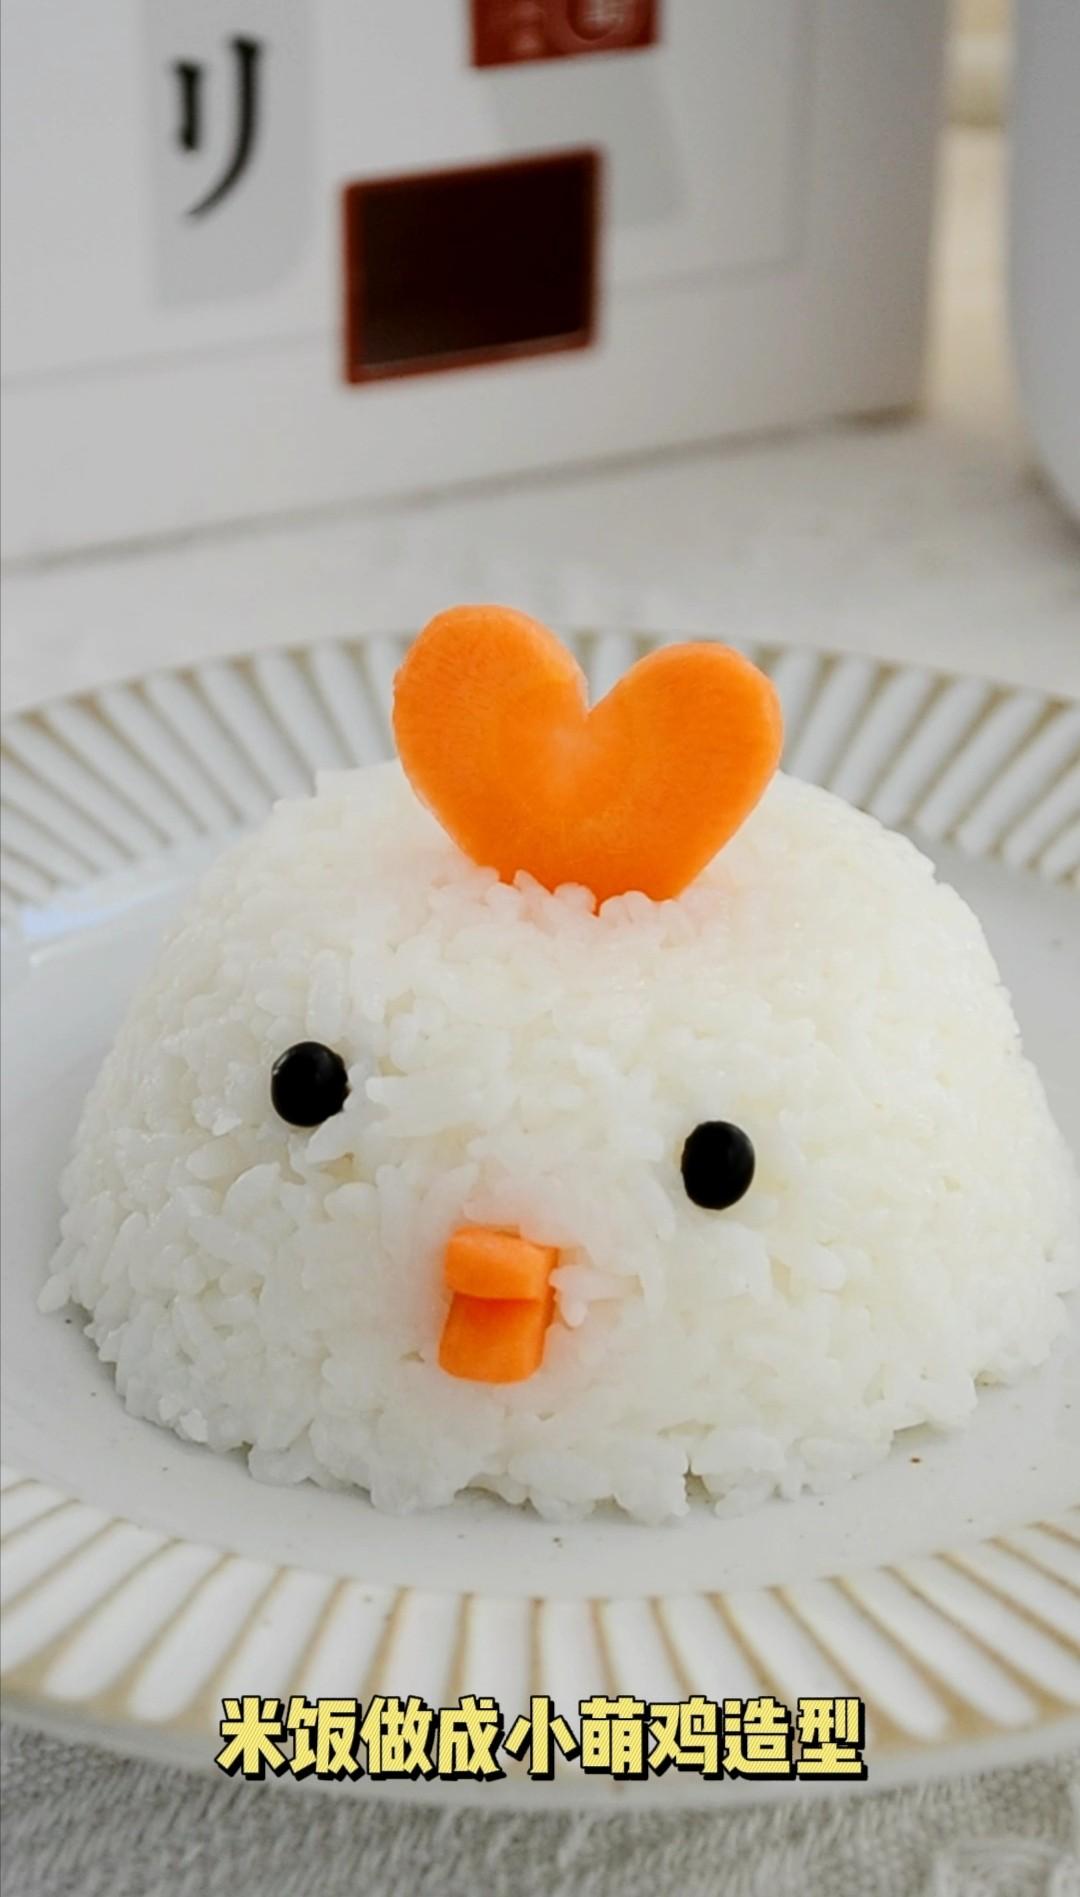 超可爱的小萌鸡咖喱饭,做法简单,宝宝超爱吃怎么炖